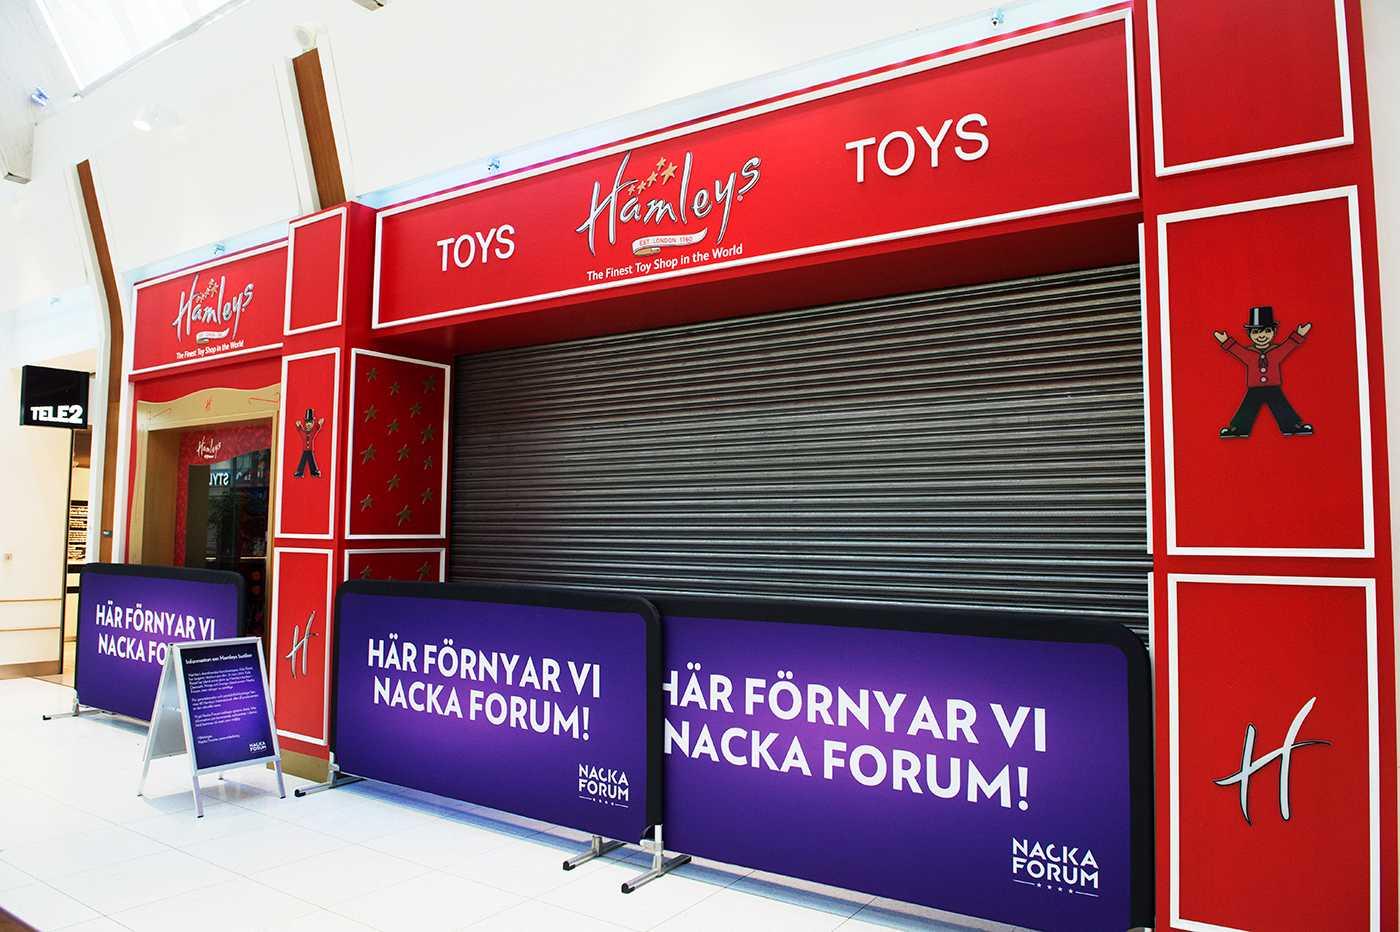 Nu stängs de svenska Hamleys-butikerna efter att bolaget som driver dem gått i konkurs.